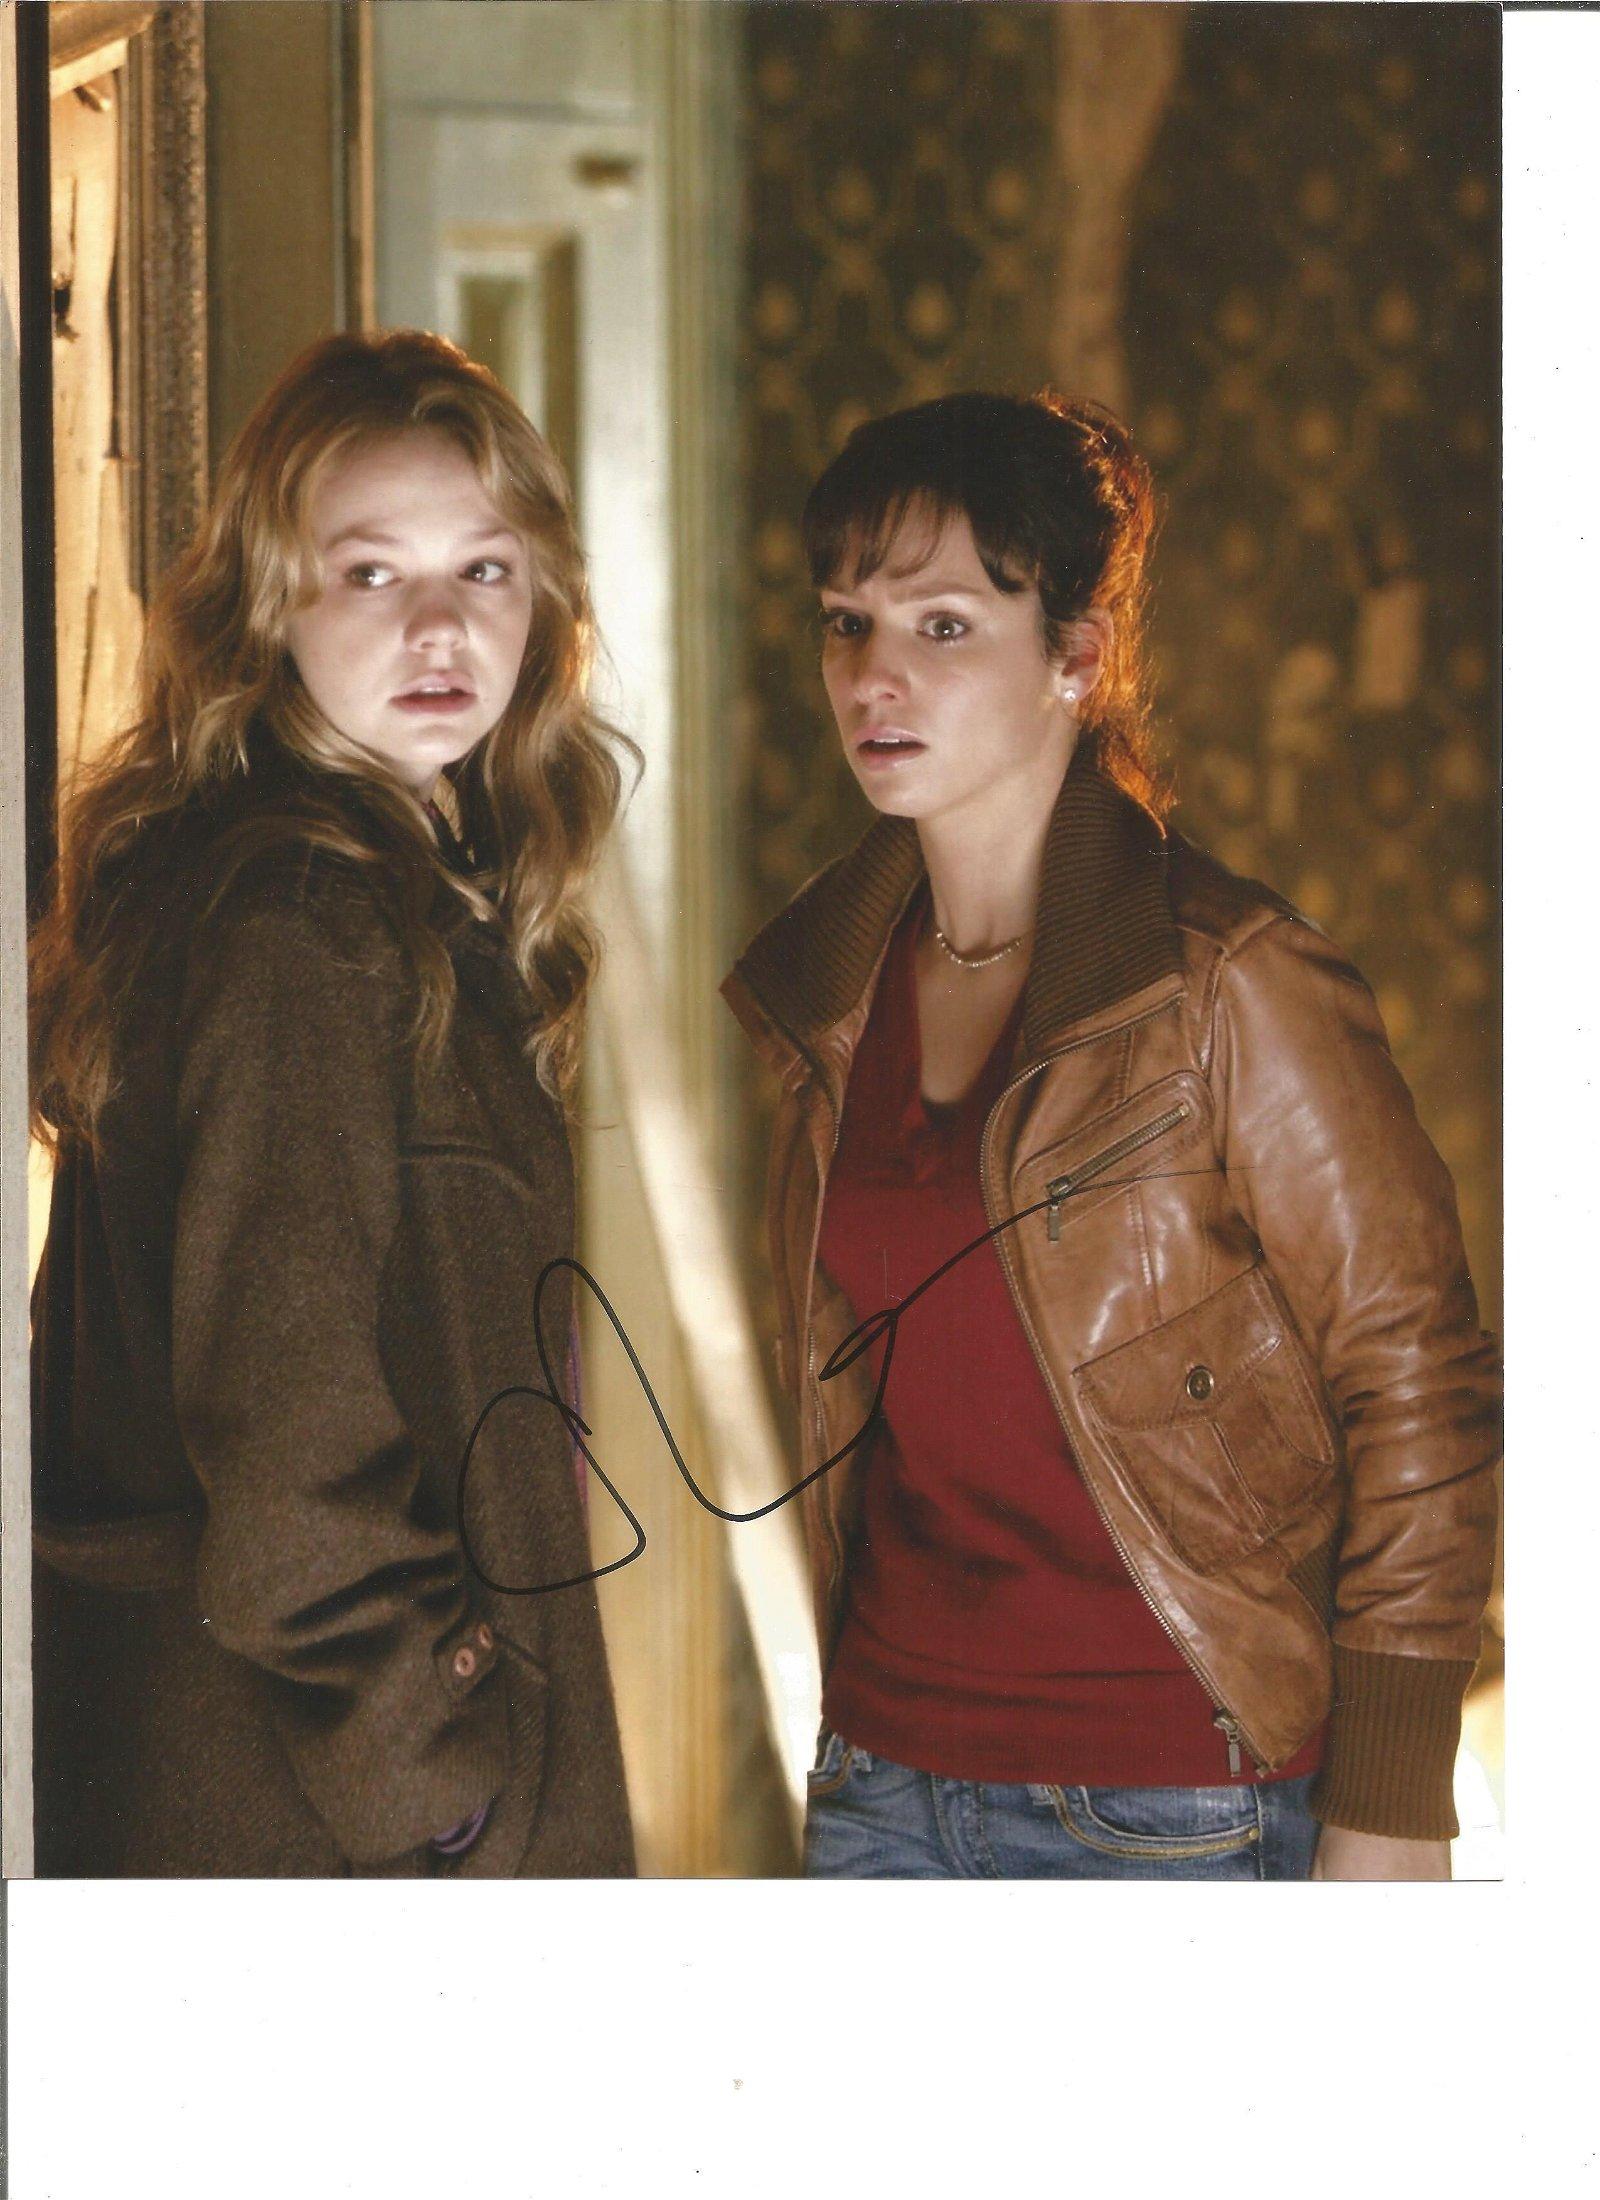 Carey Mulligan Actress Signed 8x10 Photo. Good